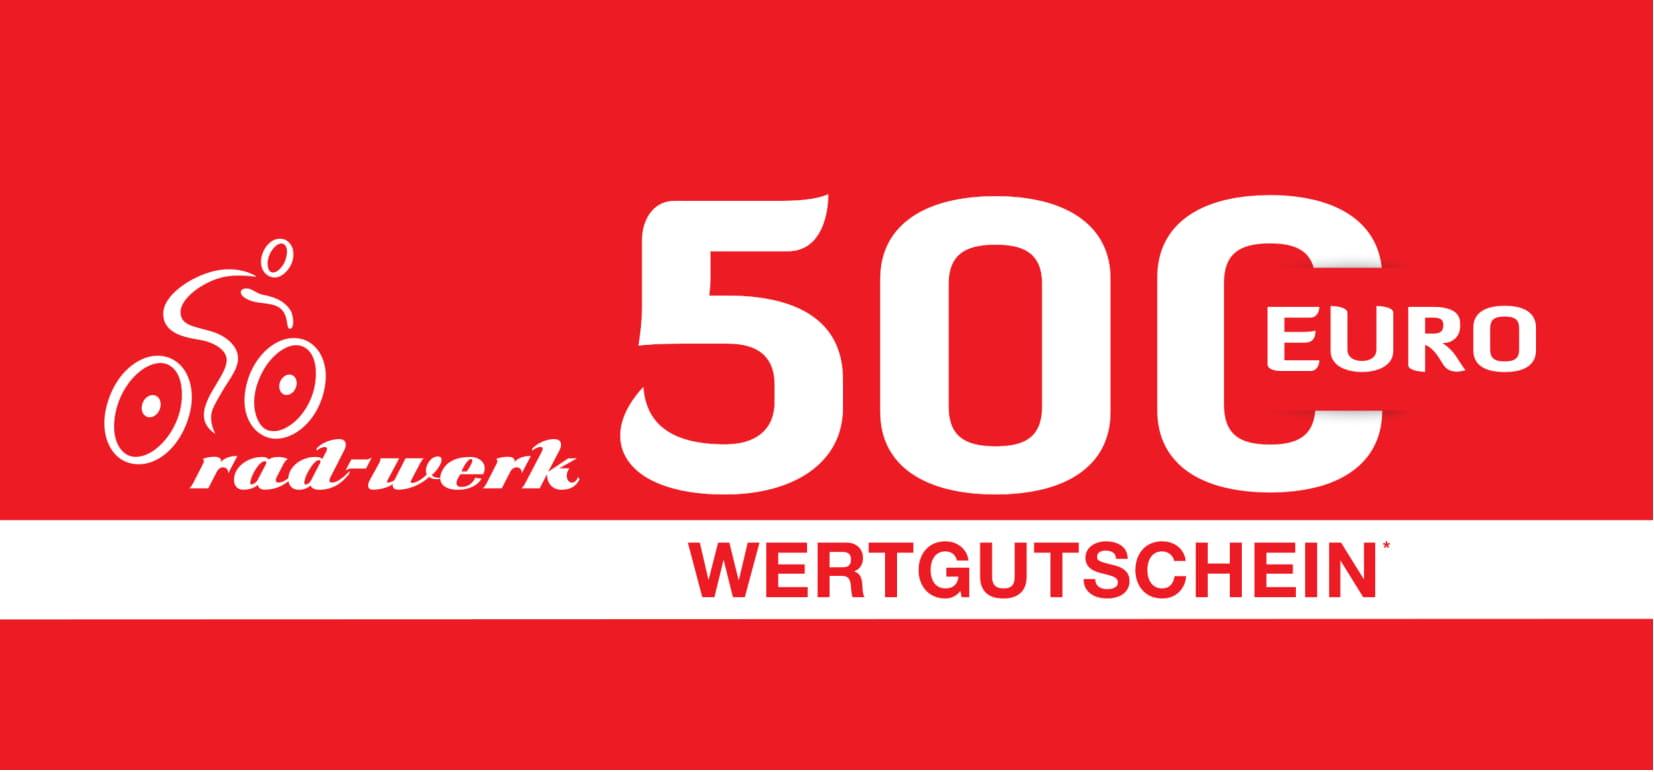 Gutschein 500 Rad-Werk Zingelman